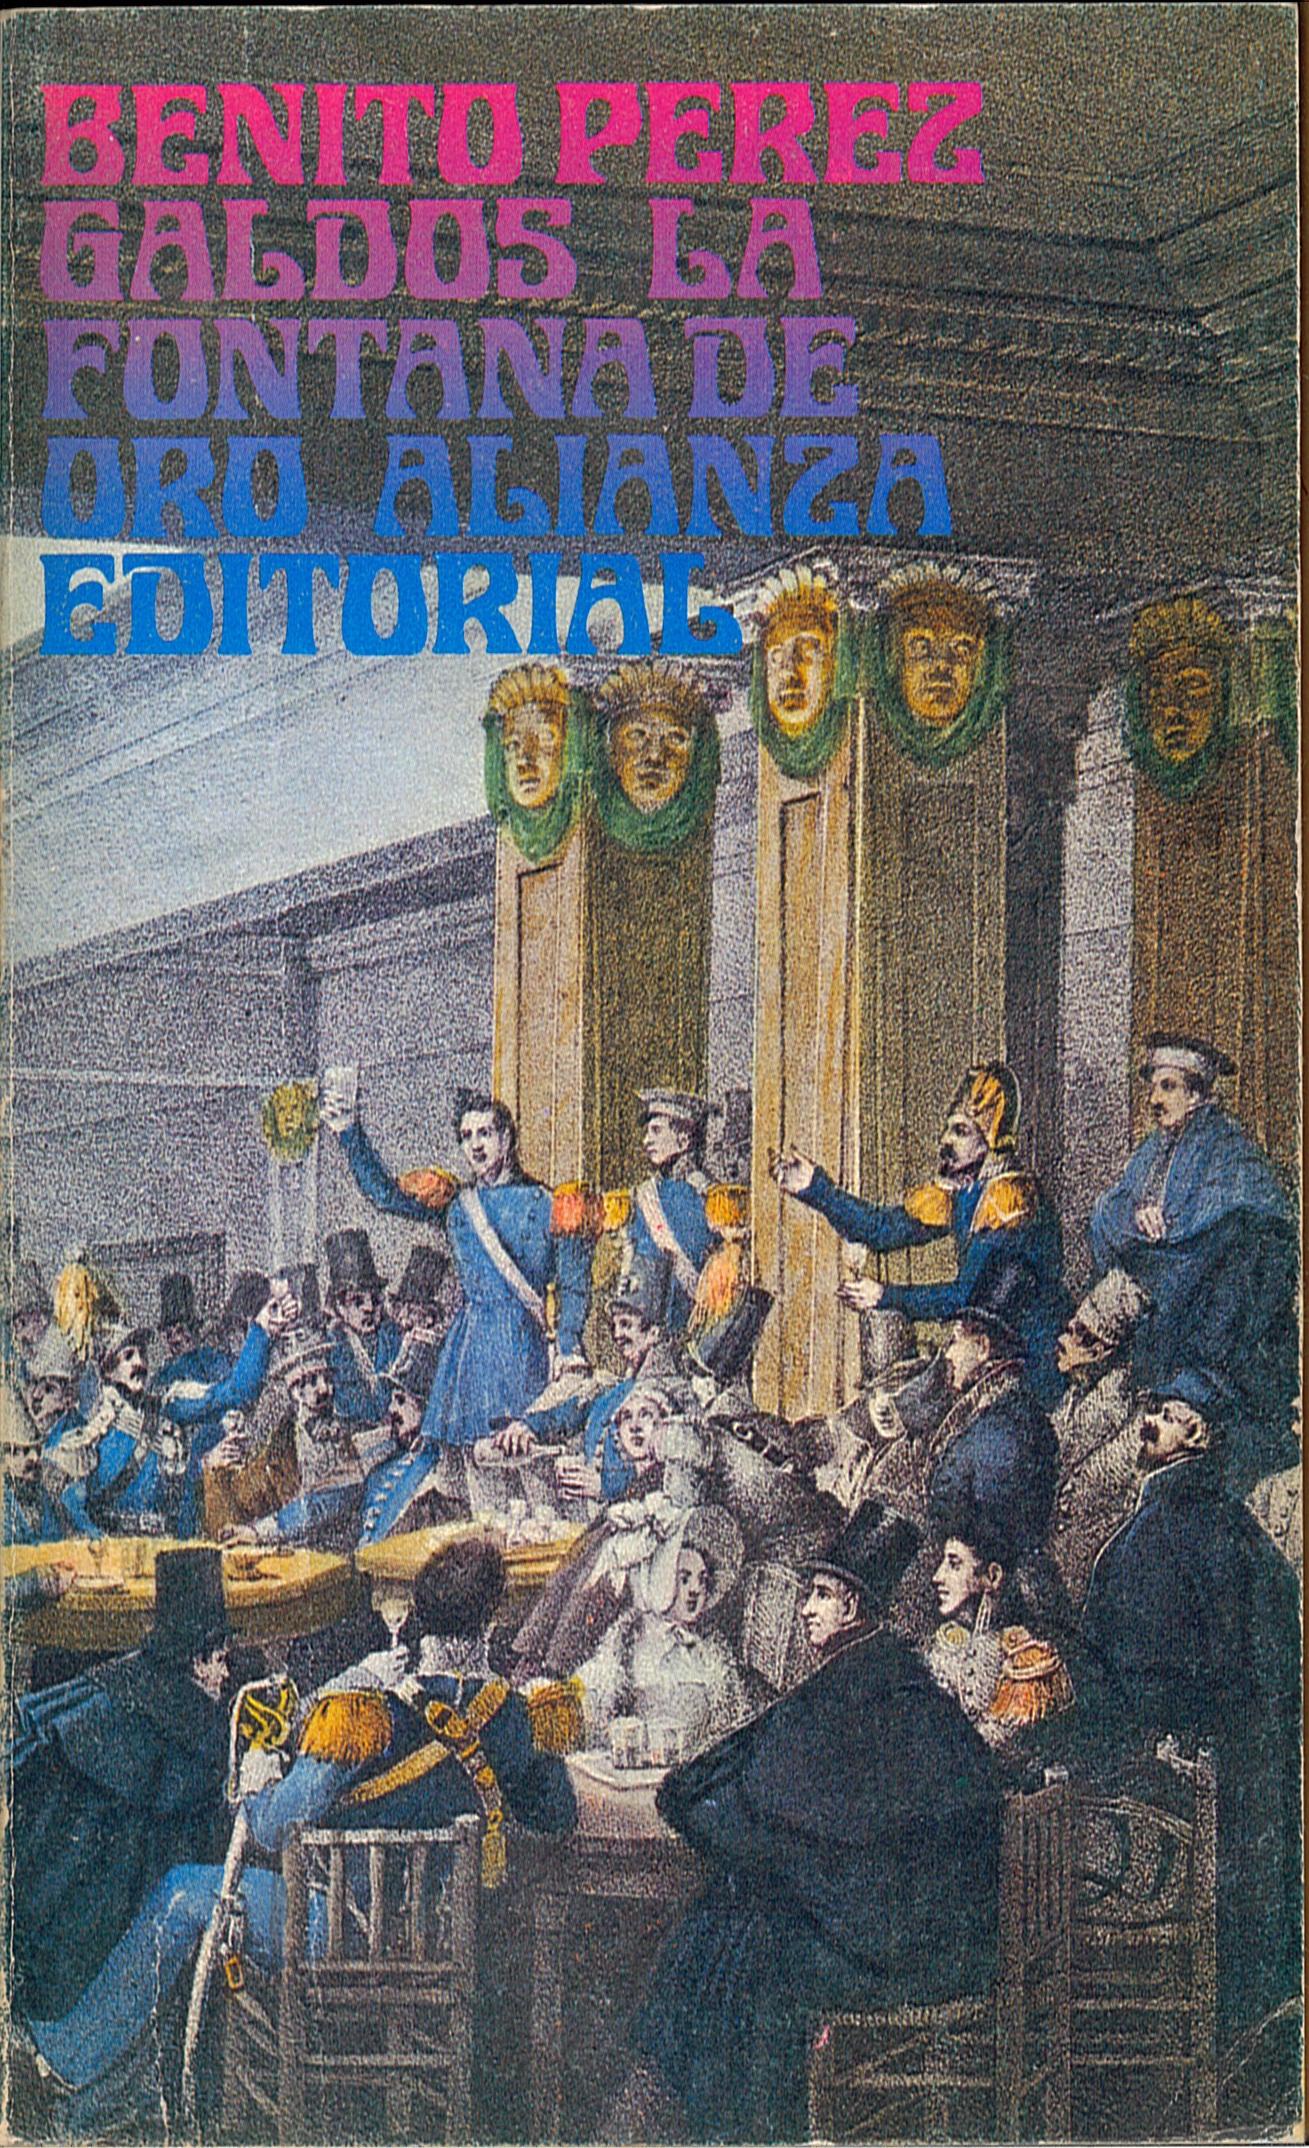 LA FONTANA DE ORO (Benito Pérez Galdós).